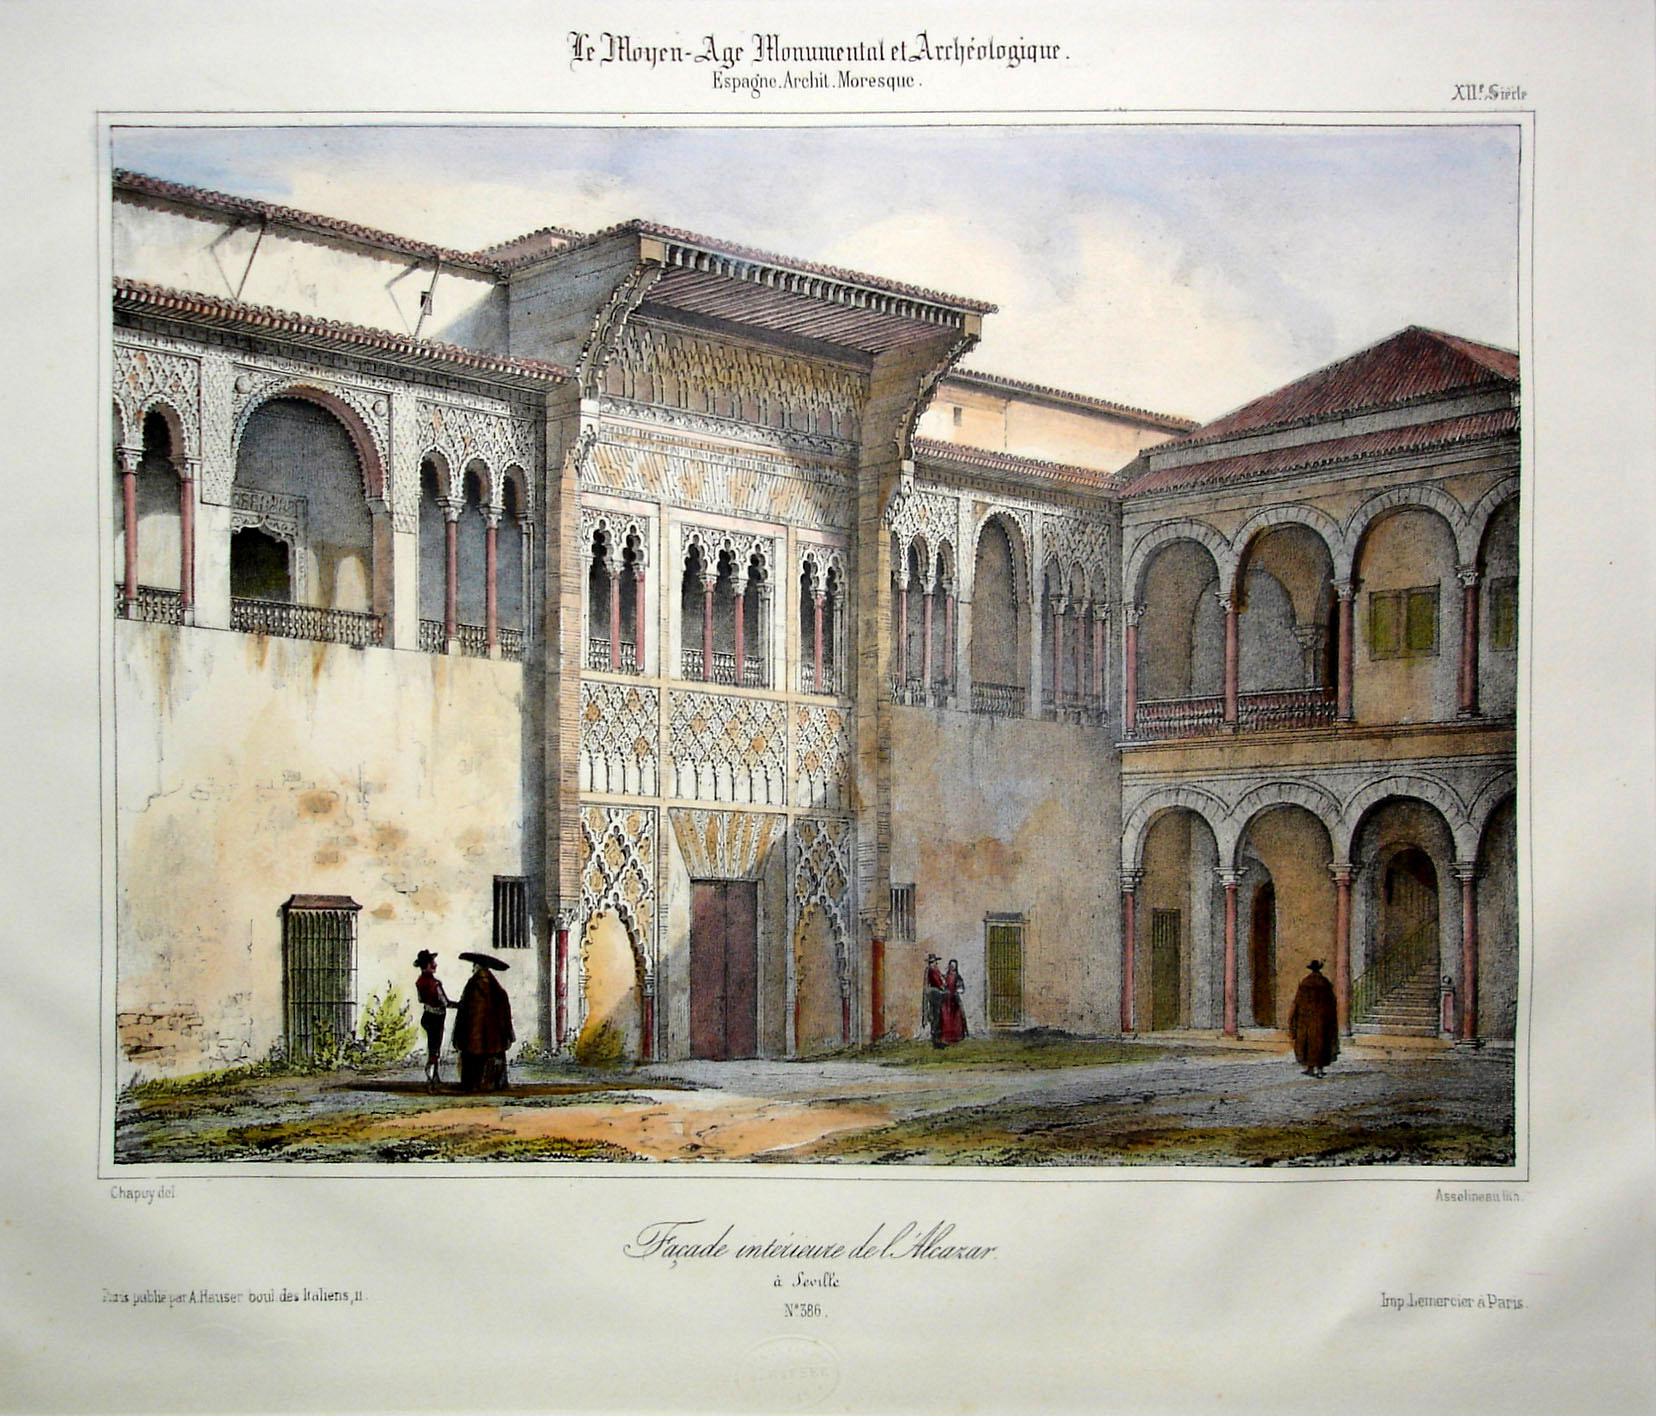 Chapuy. Fachada principal del palacio de Pedro I. Real Alcázar. 1844. Colección Laurence Shand.Sevilla